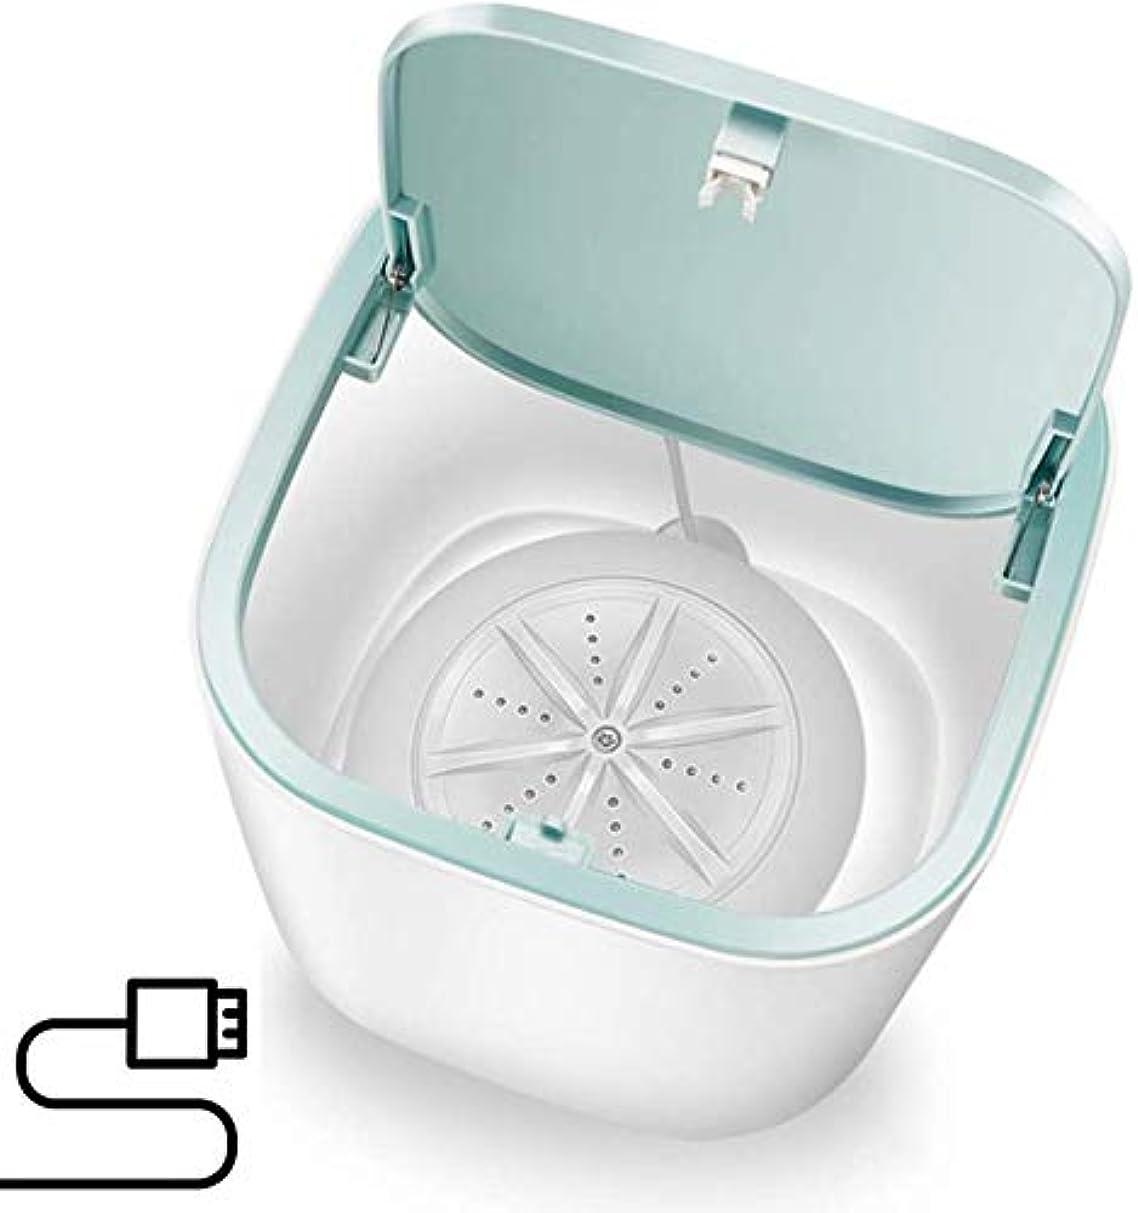 忘れる花に水をやるイライラするポータブルミニ洗濯機、USB小型超音波クリーナー、ターボウォッシャー自動下着洗濯機、3.8Lキャンプ洗濯機, White